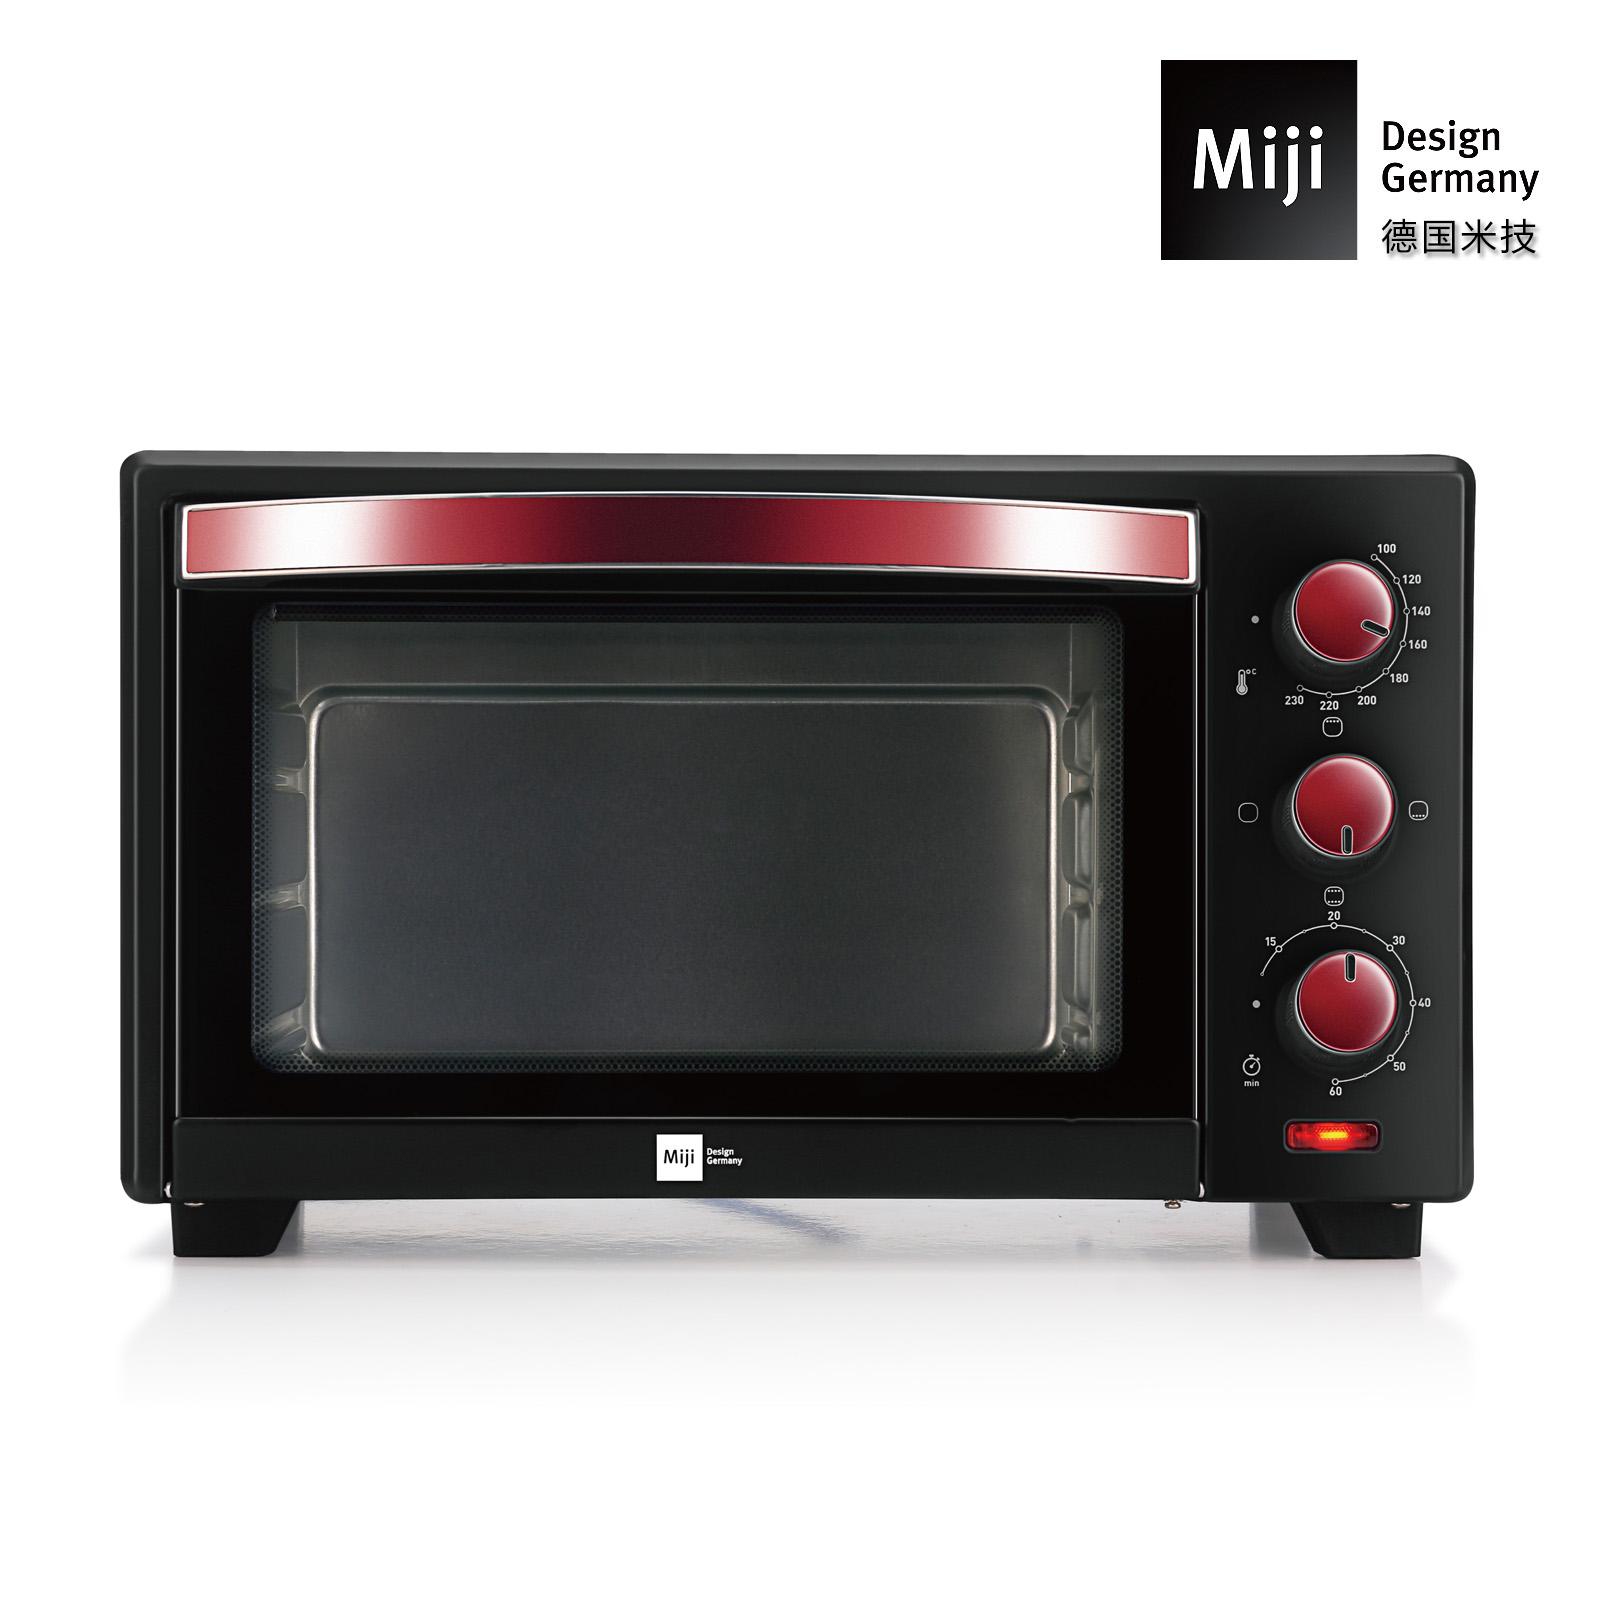 Miji 德国米技EO19L大容量电烤箱 20L